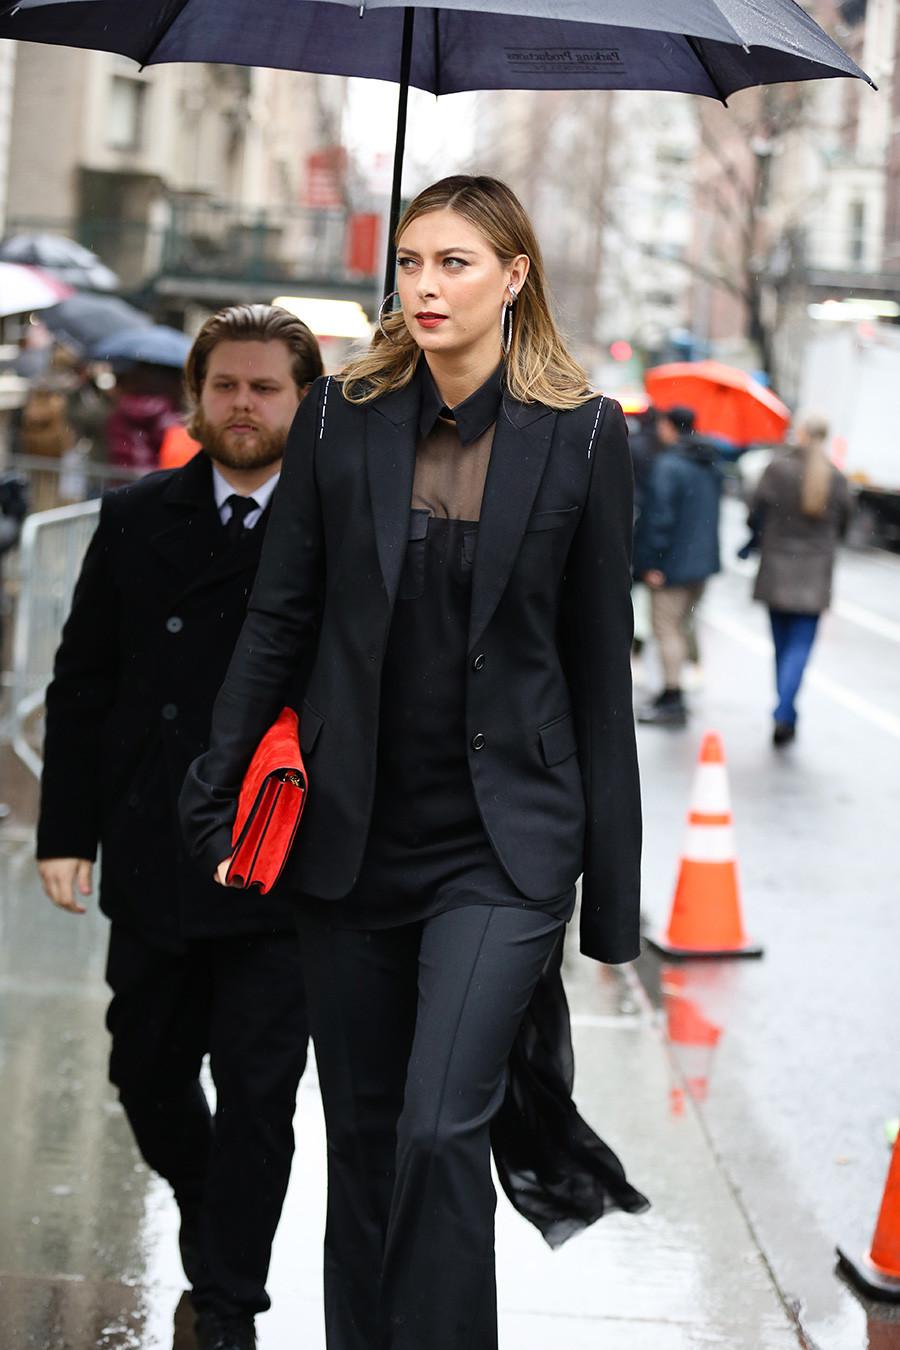 Шарапова на Неделата на модата во Њујорк, 11 февруари 2020 година.